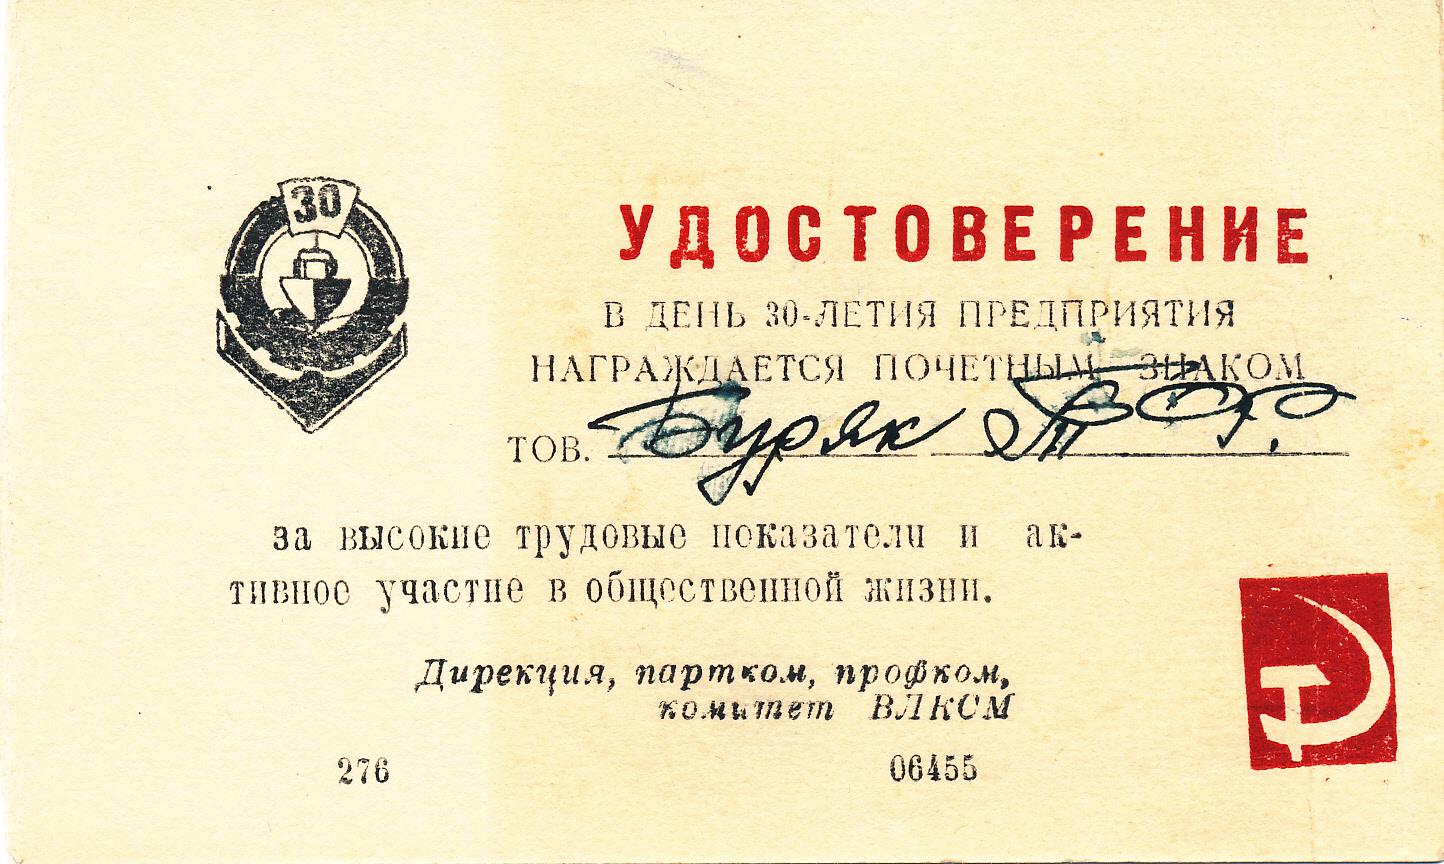 Удостоверение Буряка Тихона Филипповича к знаку в день 30-летия предприятия